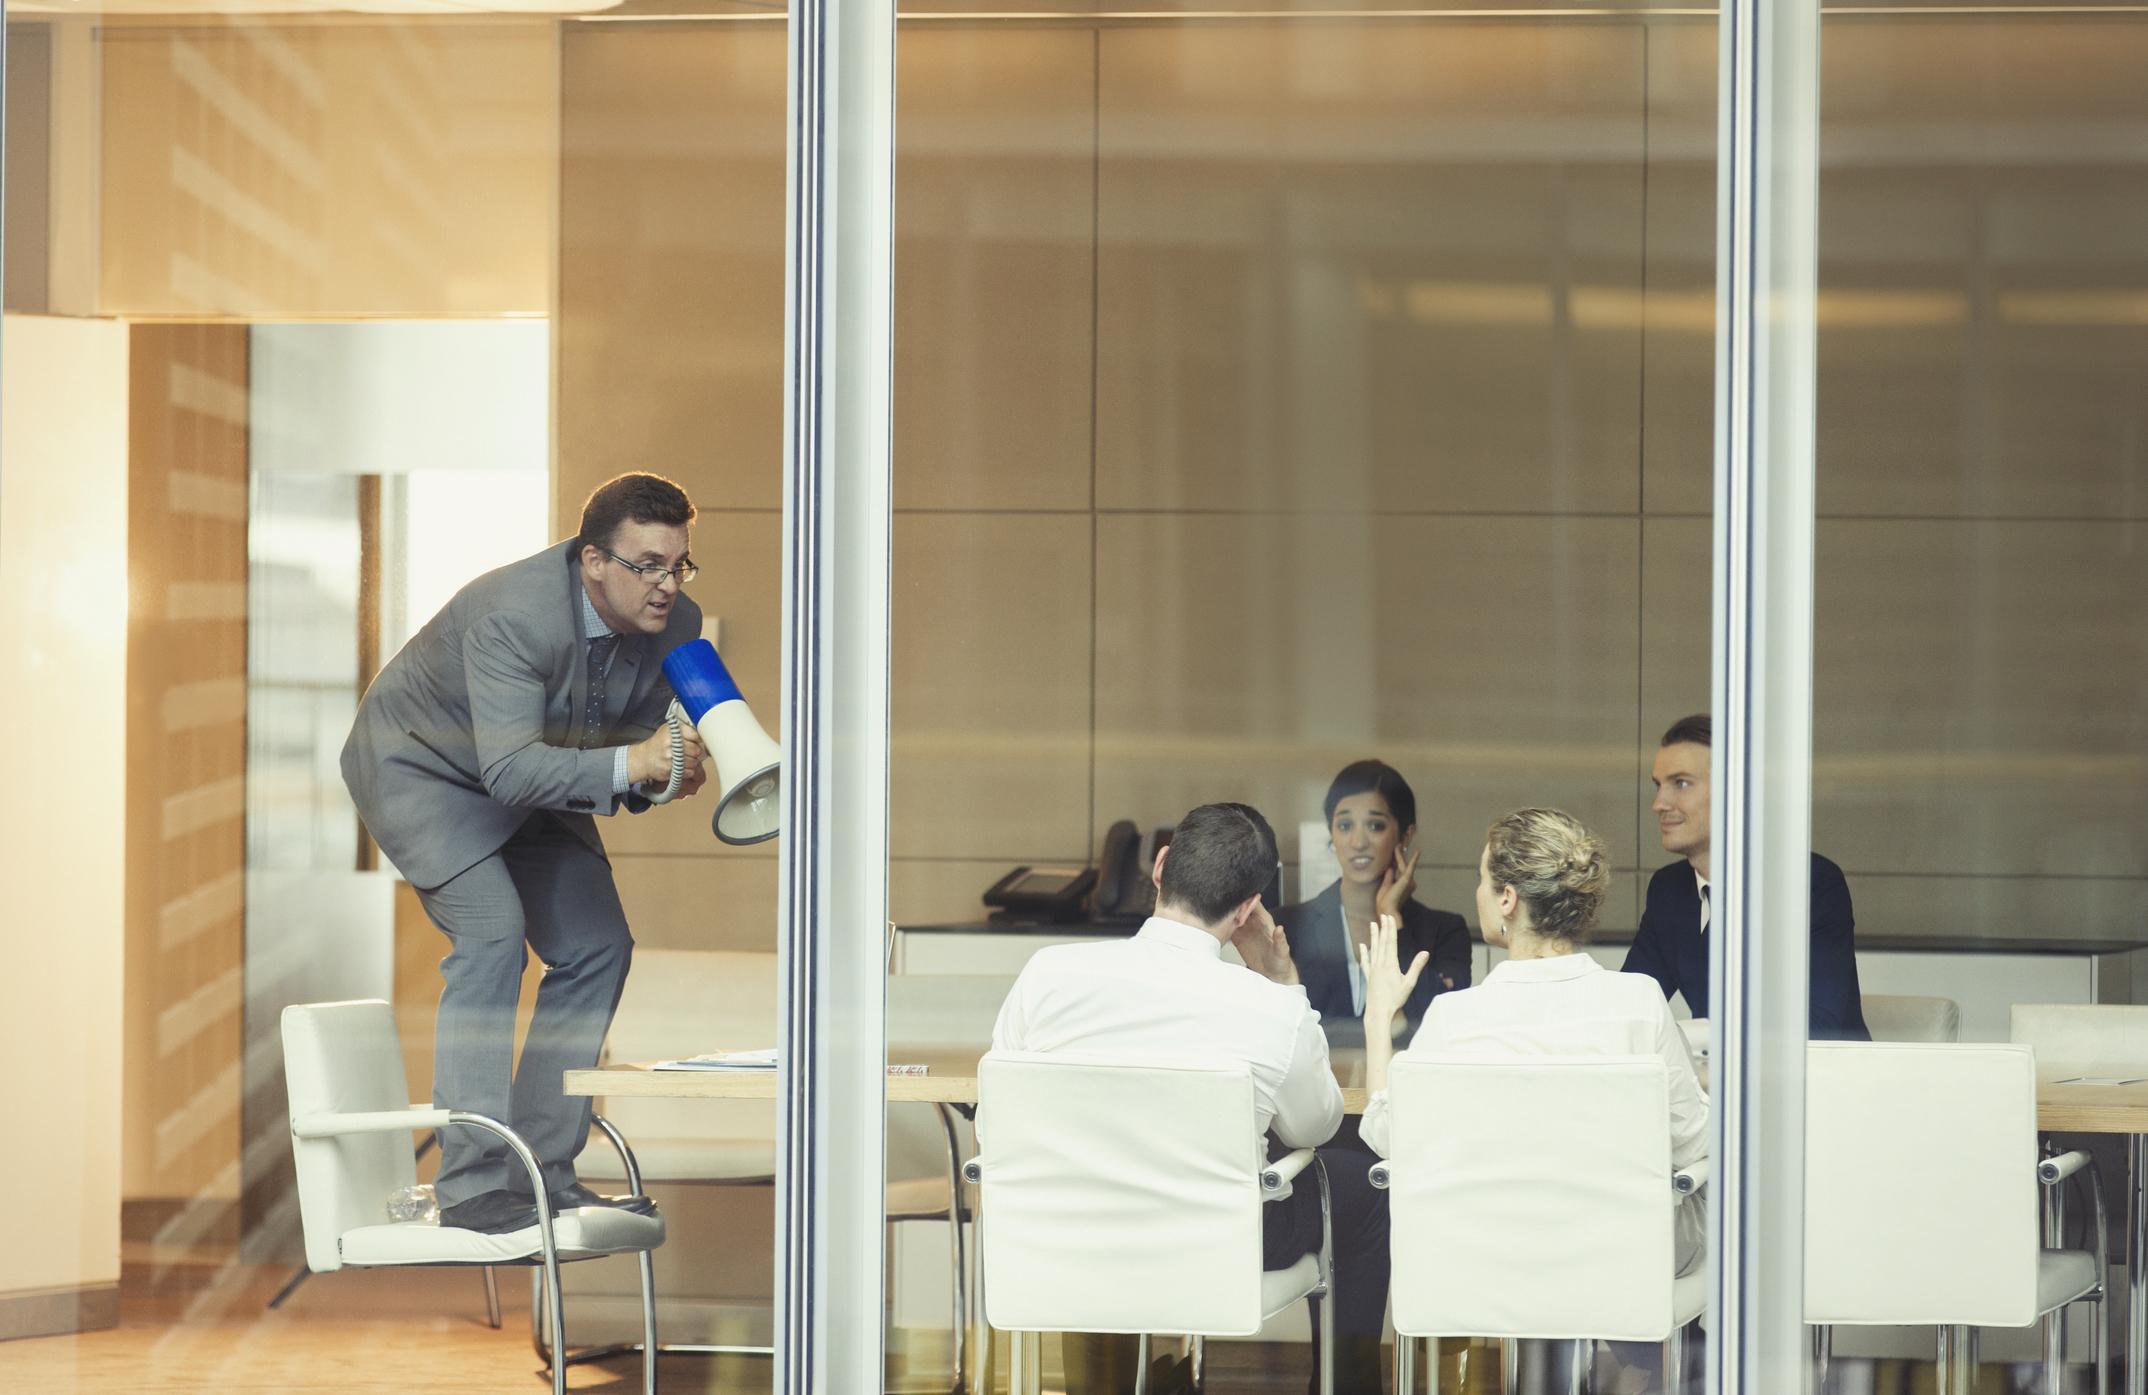 capo ufficio grida ai dipendenti